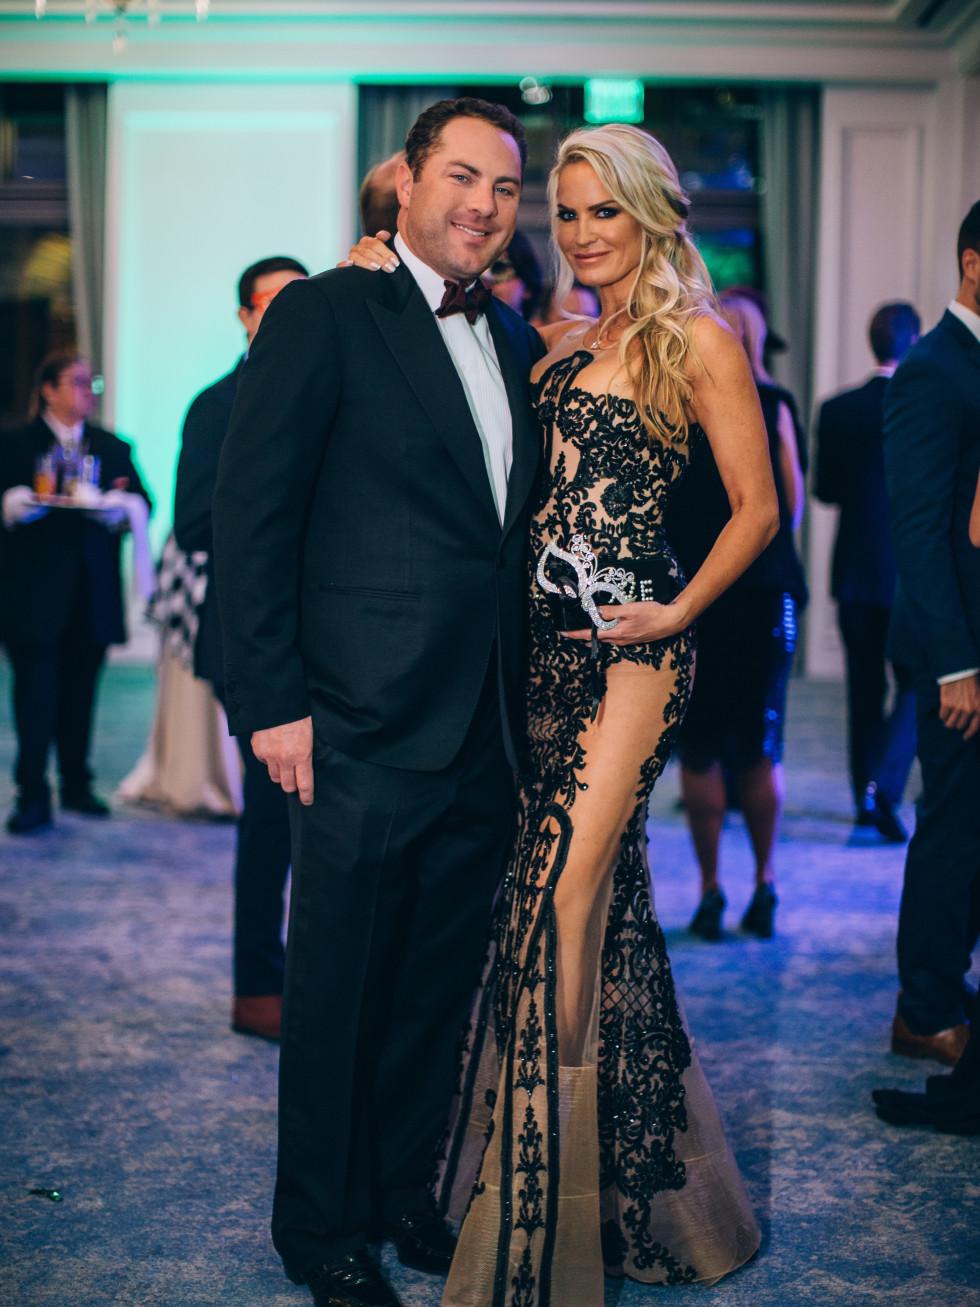 Jay & Erica McGraw